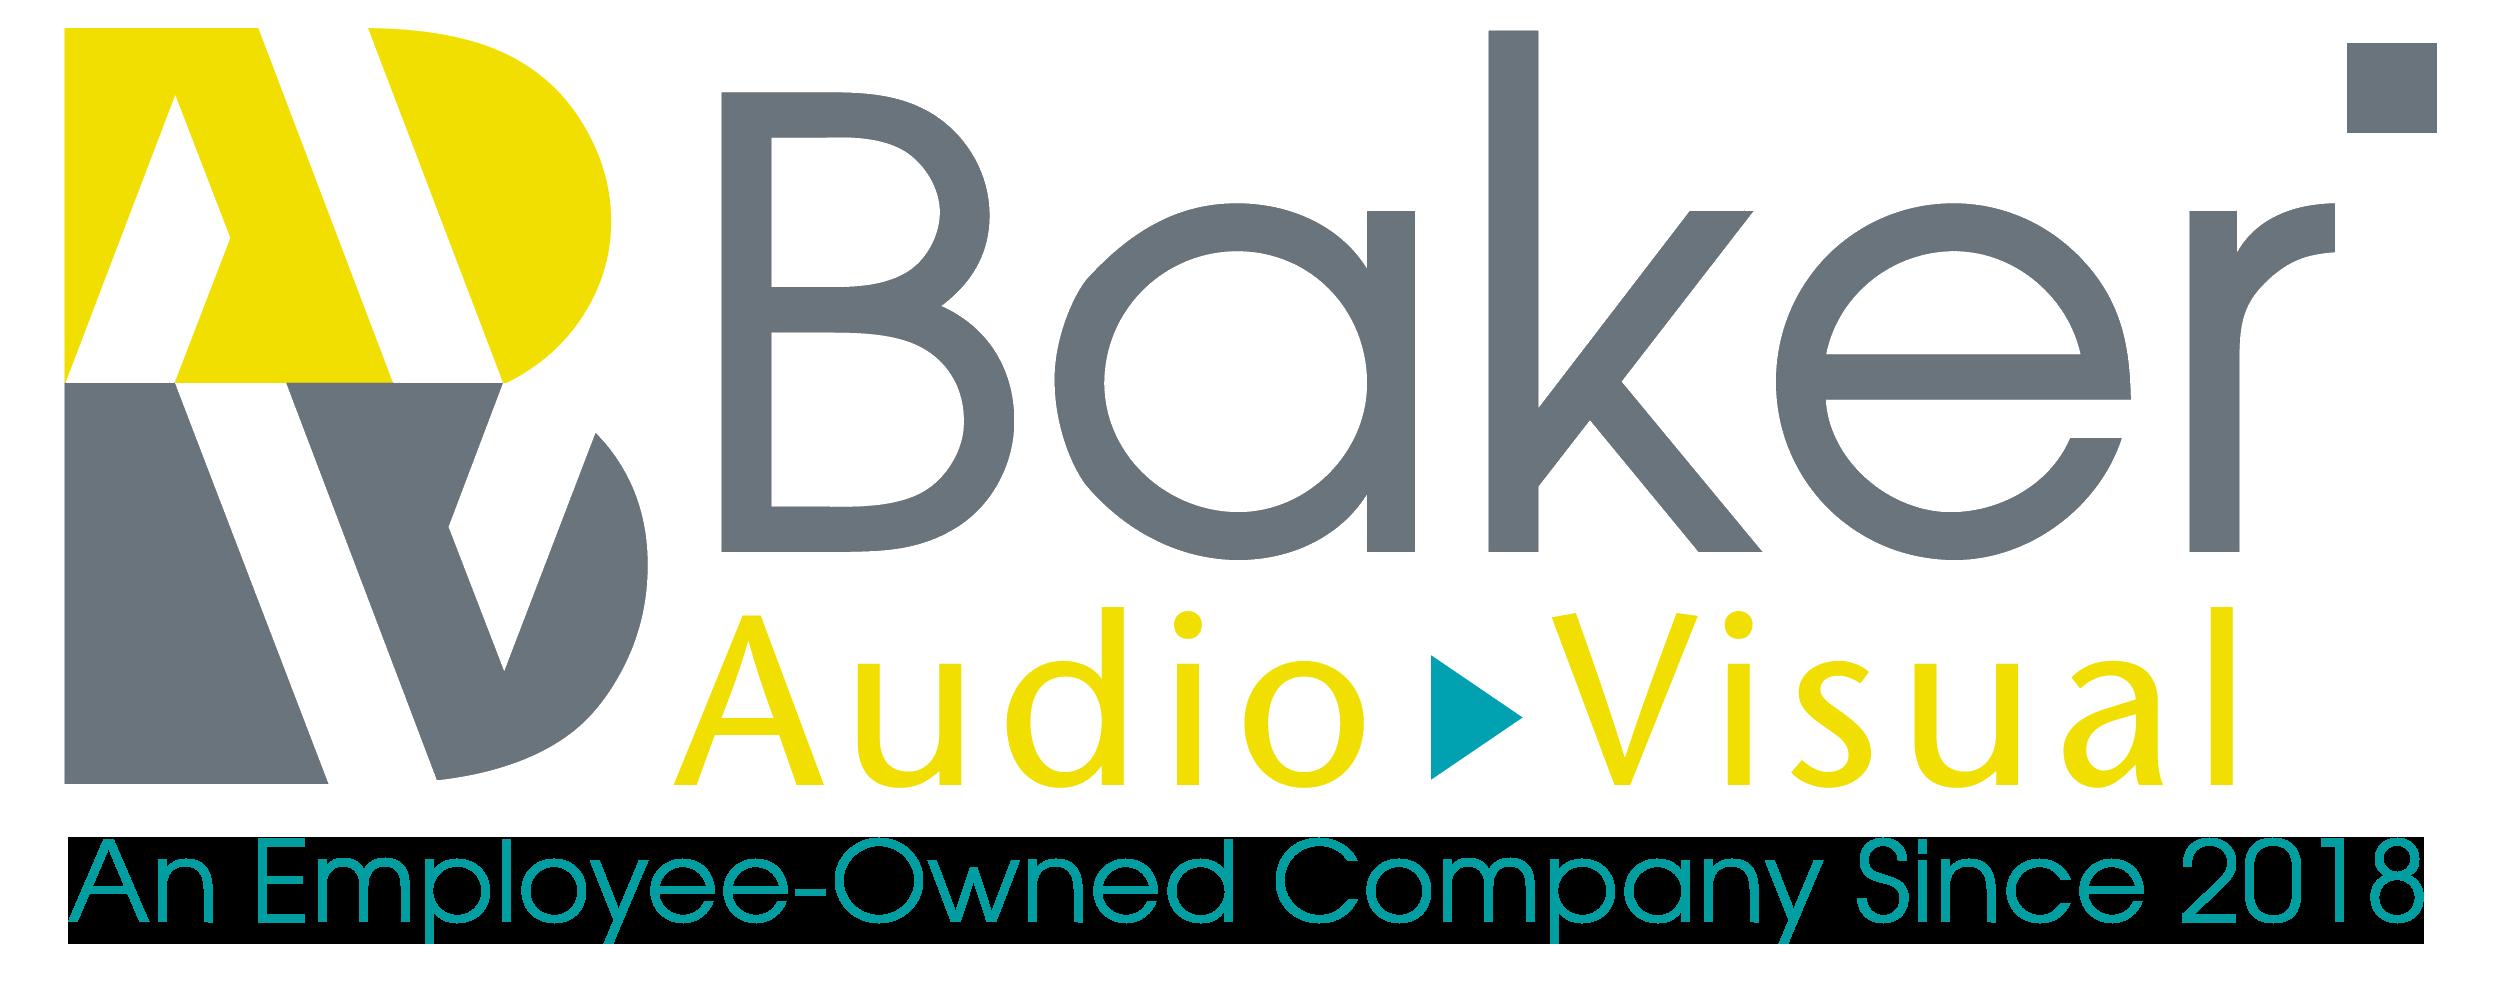 Baker Audio Visual Company Logo